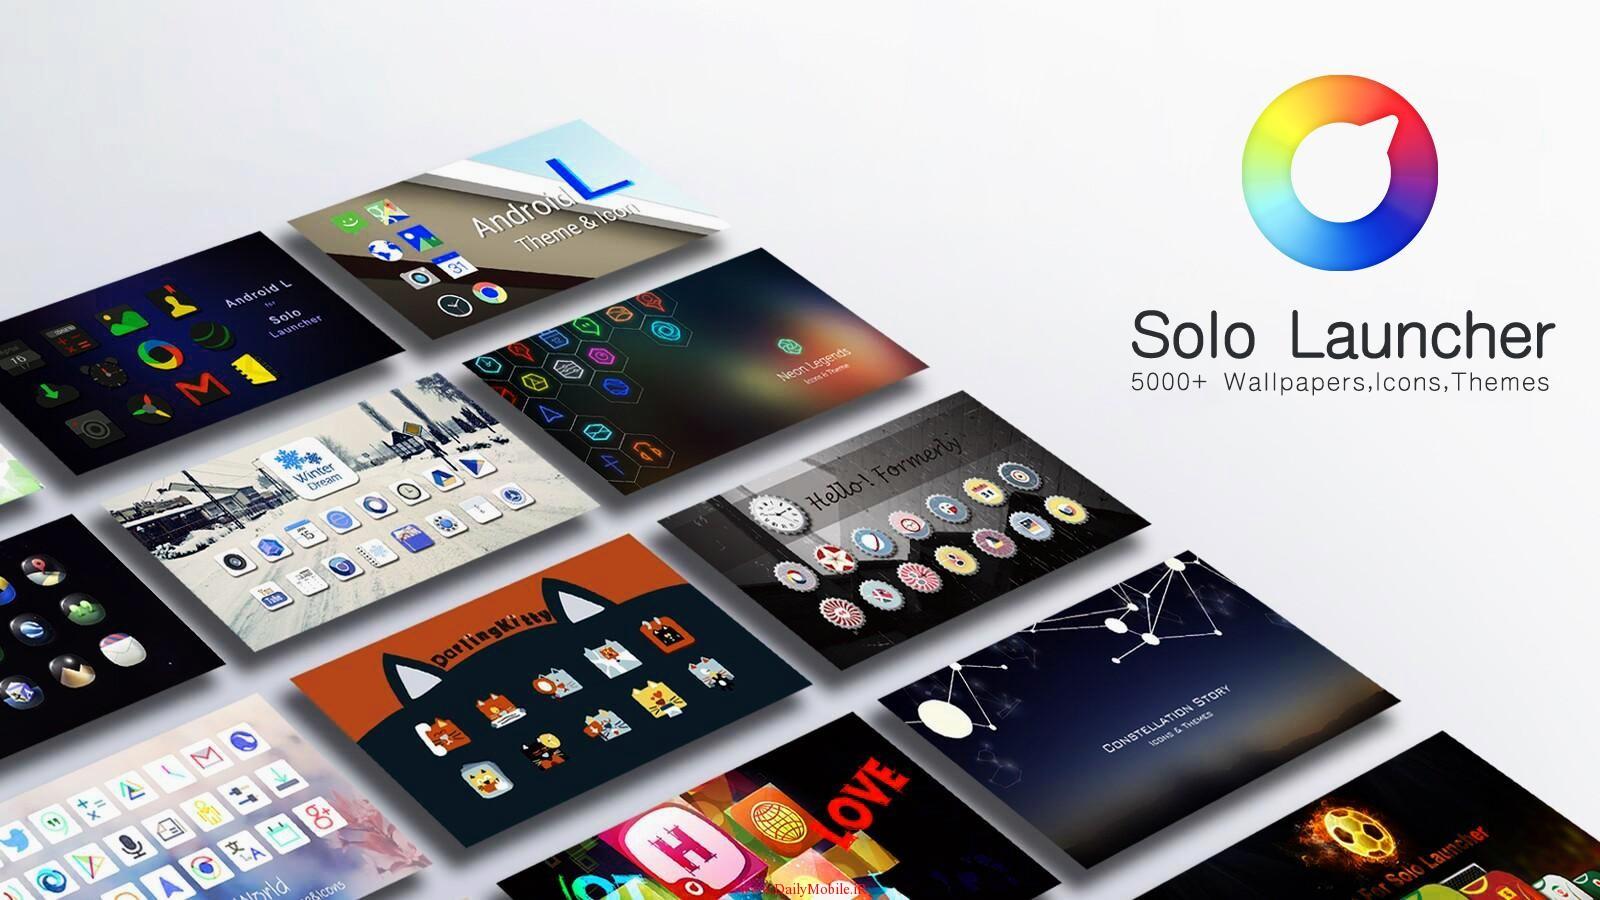 دانلود لانچر زیبای سولو برای اندروید Solo Launcher-Clean,Smooth,DIY